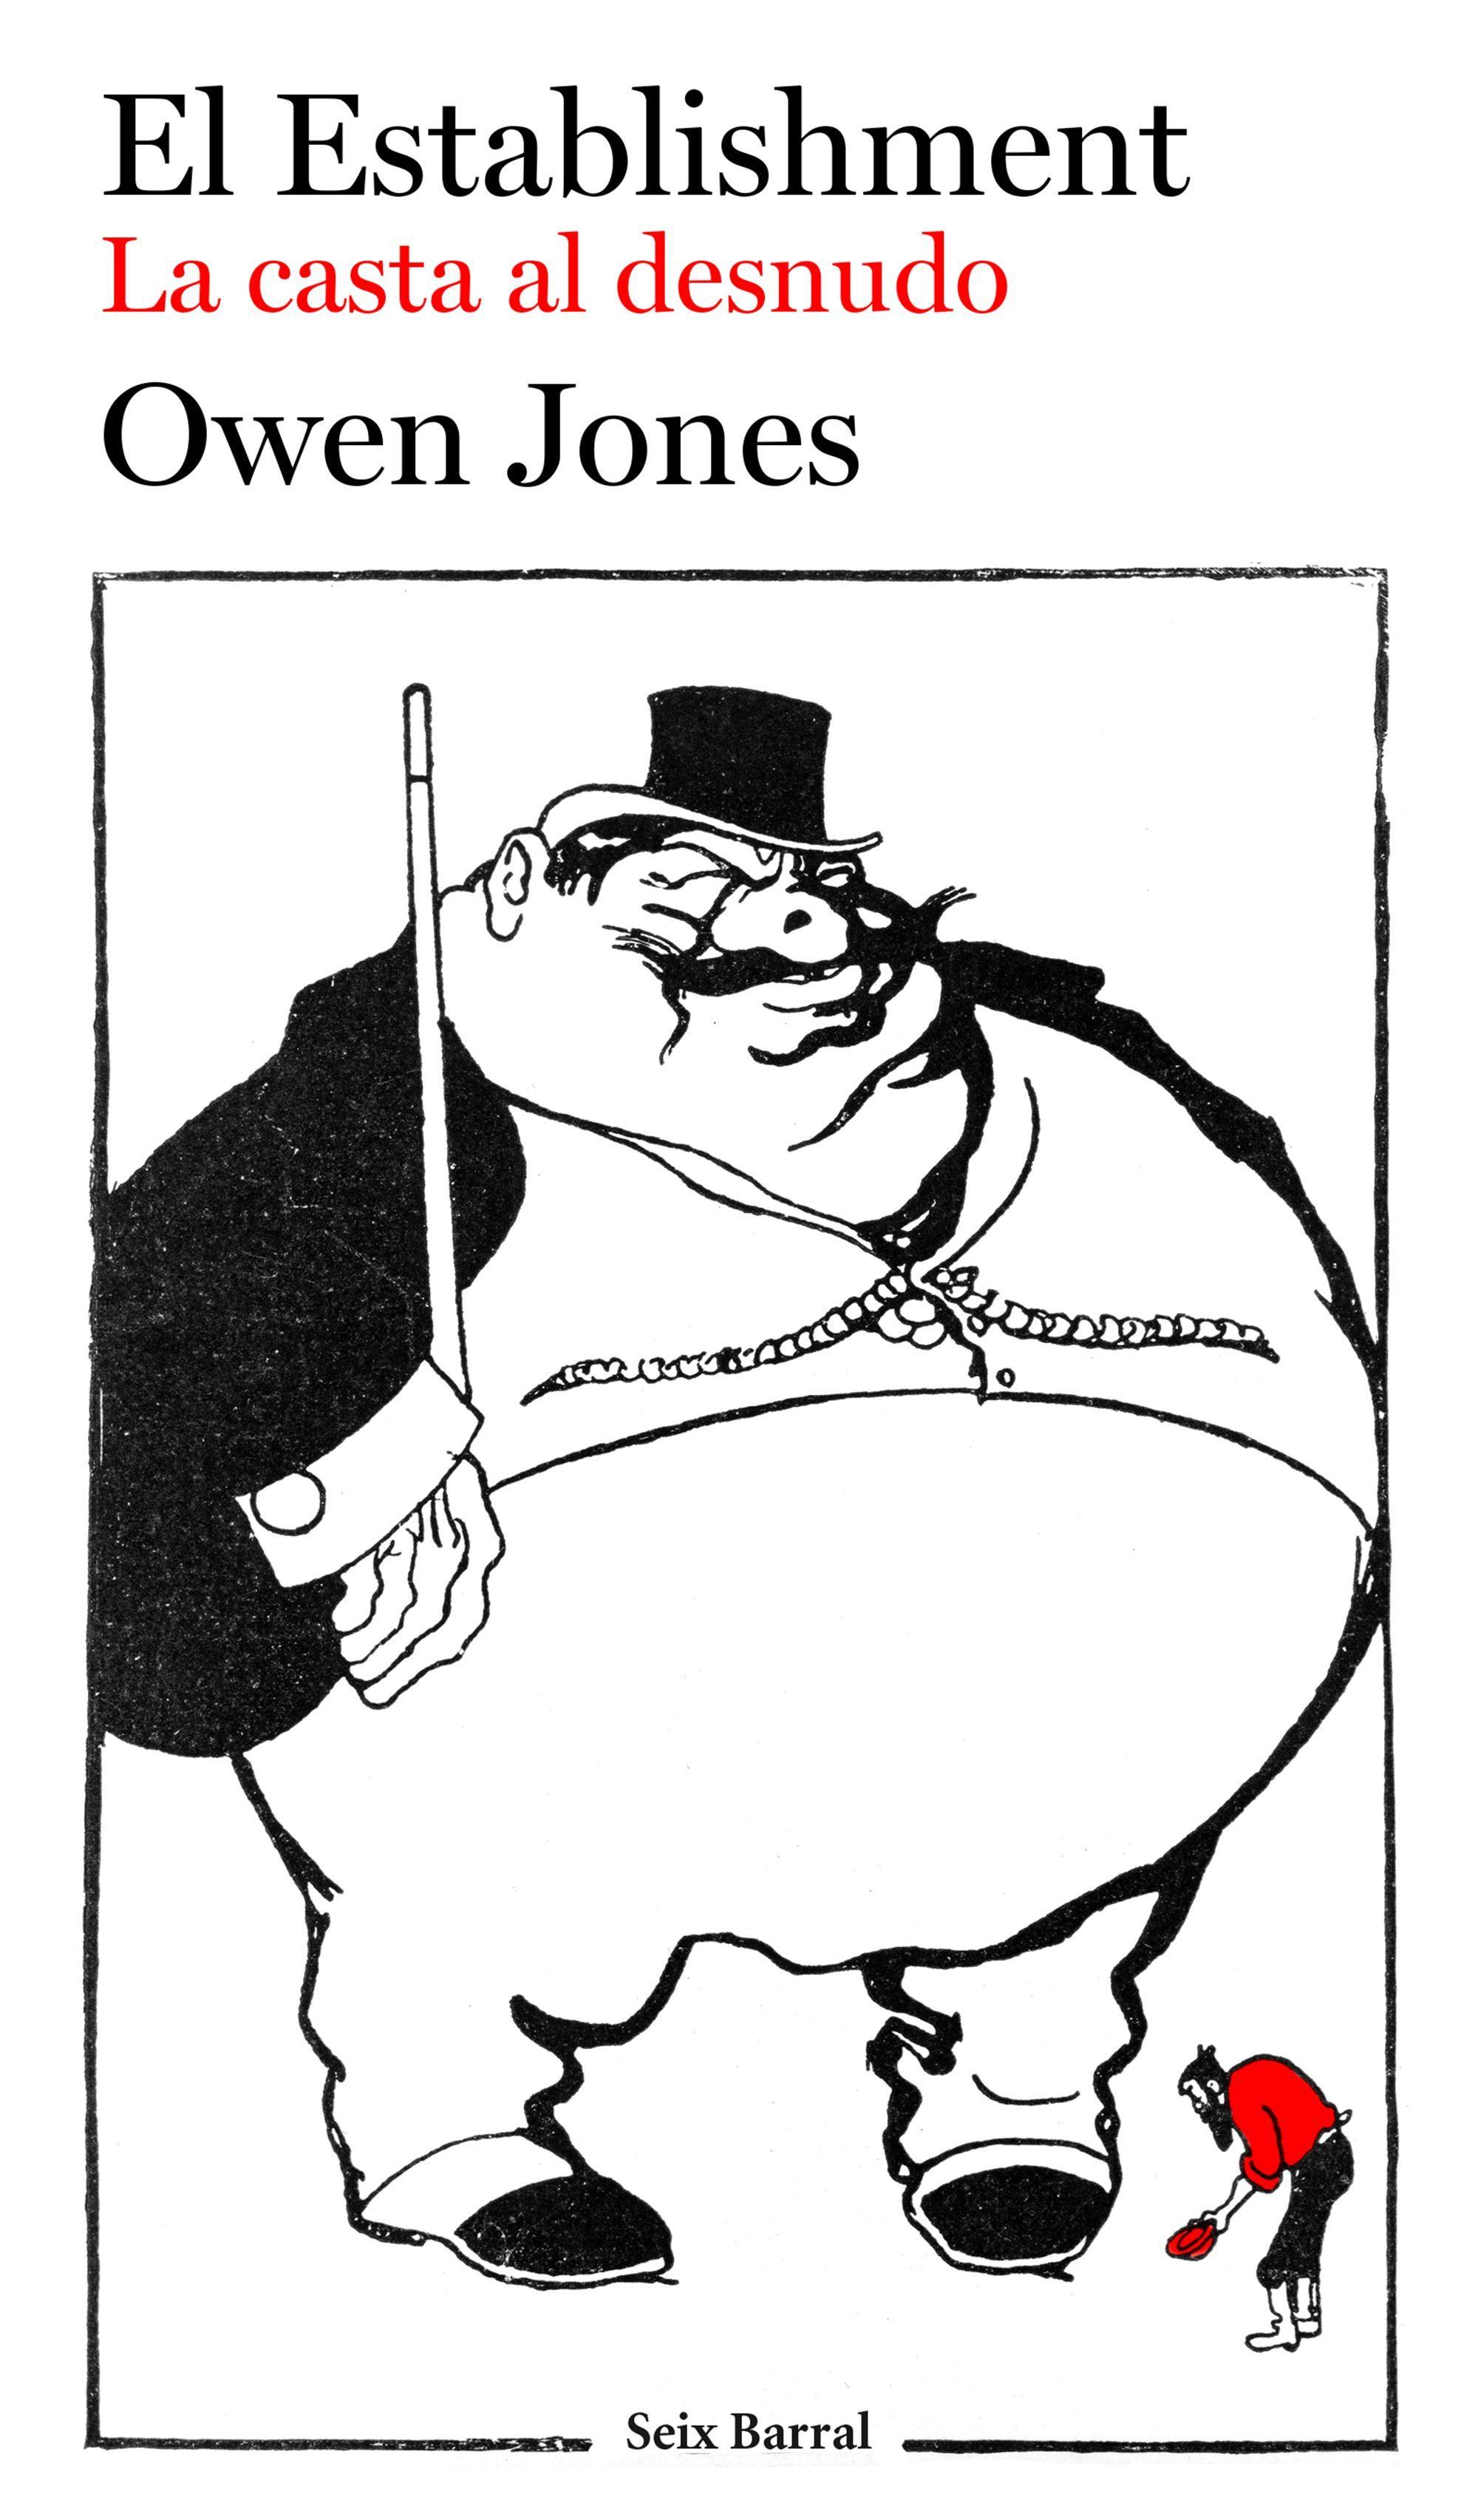 el establishment: la casta al desnudo-owen jones-9788432224706